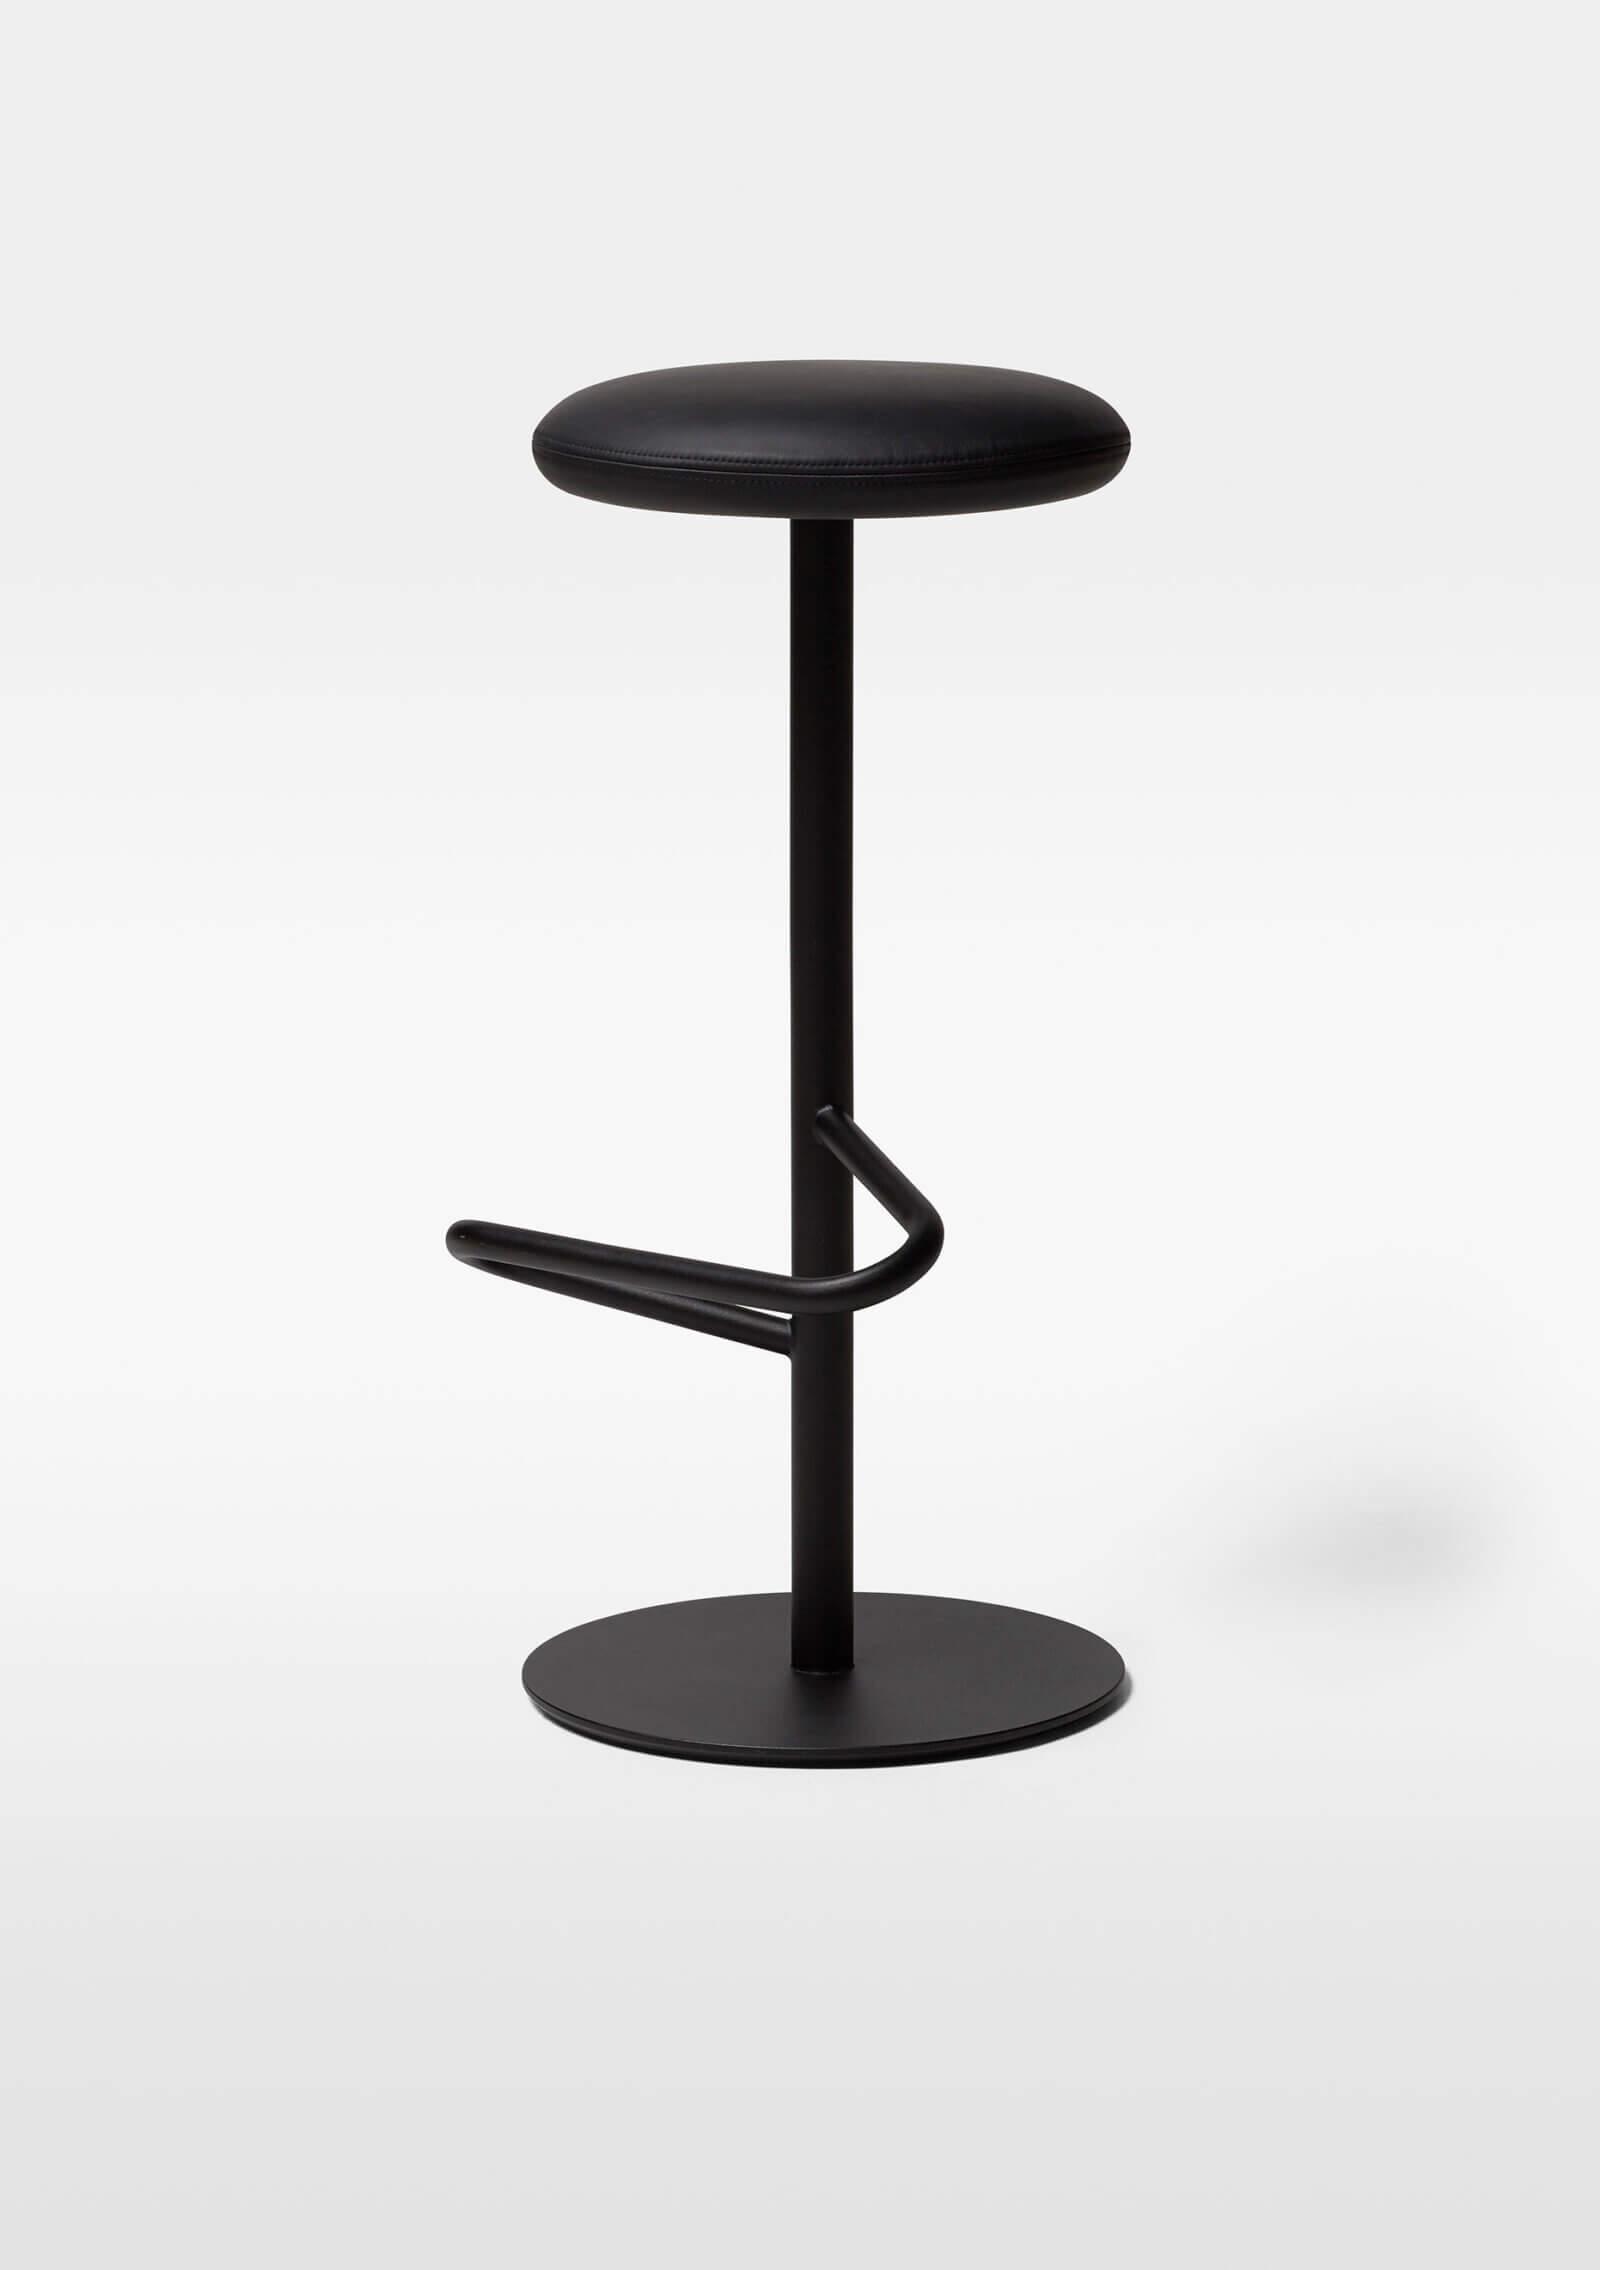 TinnappelMetz-massproductions-odette-bar-stool_02